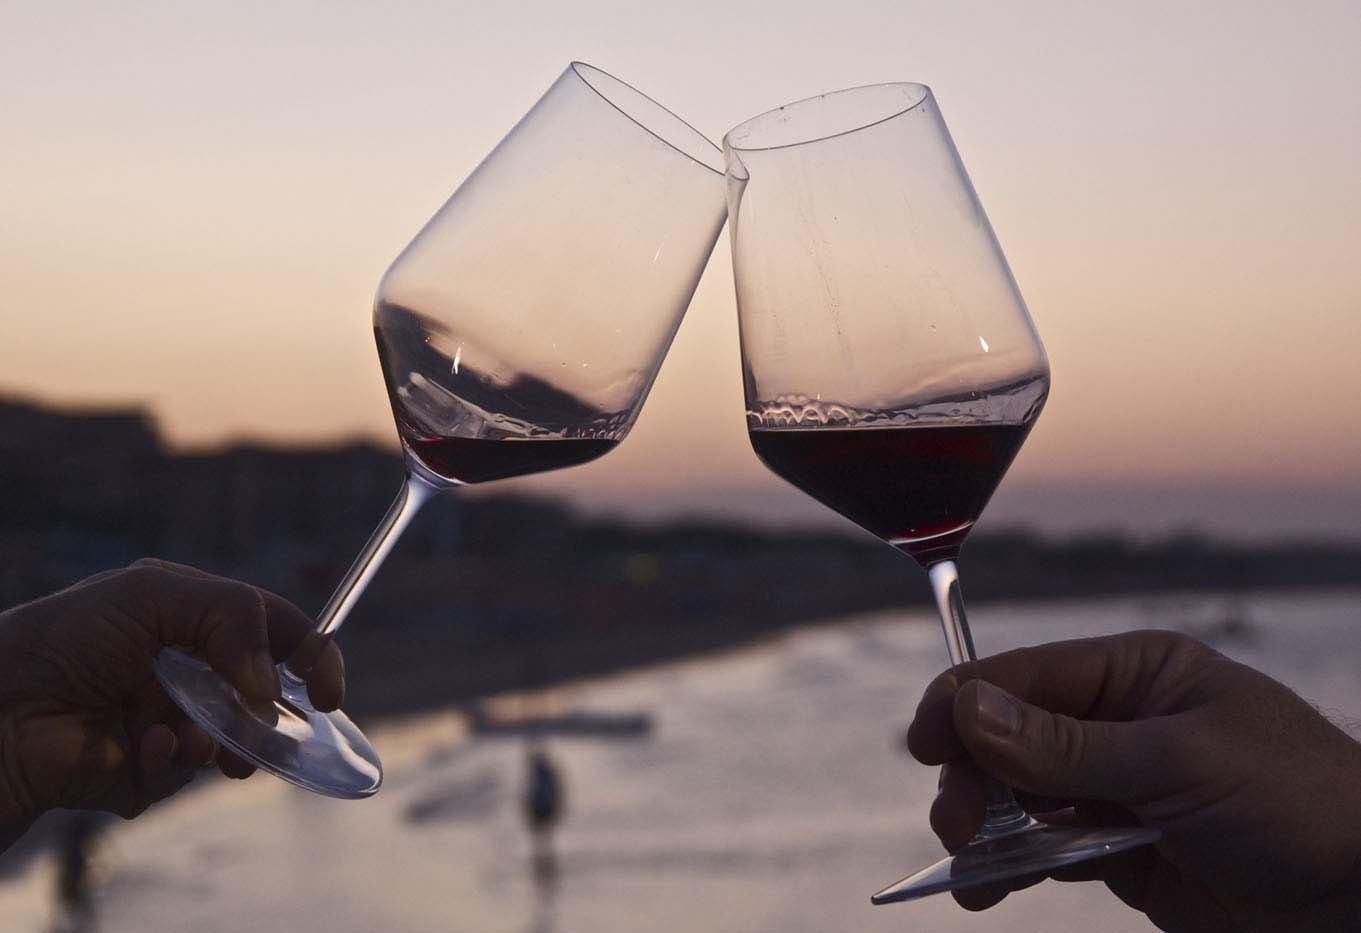 Libiam ne' lieti calici, nuove risorse per il wine business italiano